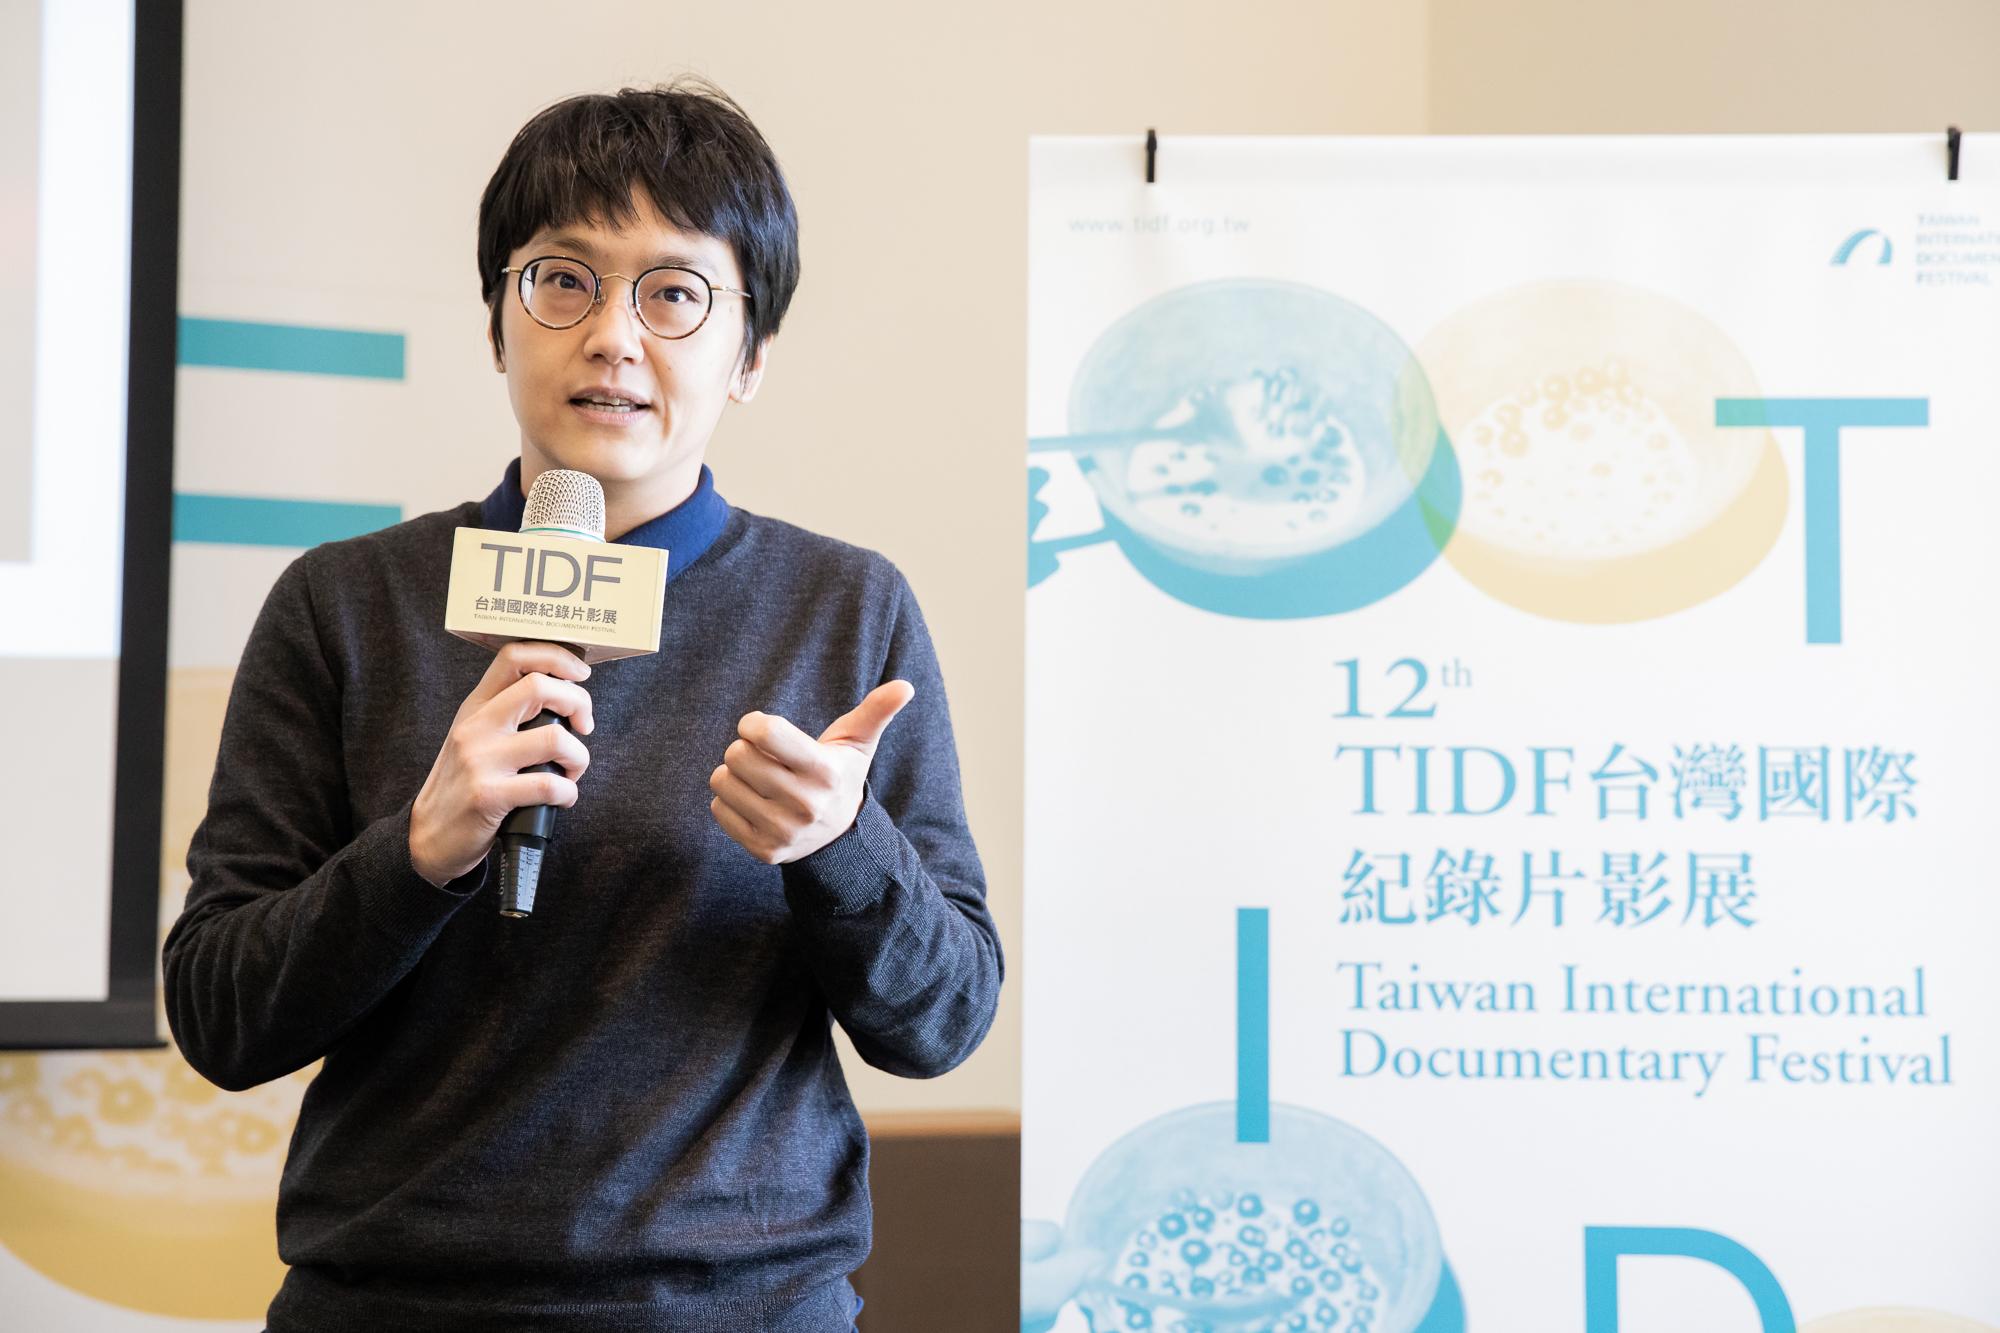 TIDF亞洲視野競賽初選委員代表史惟筑致詞